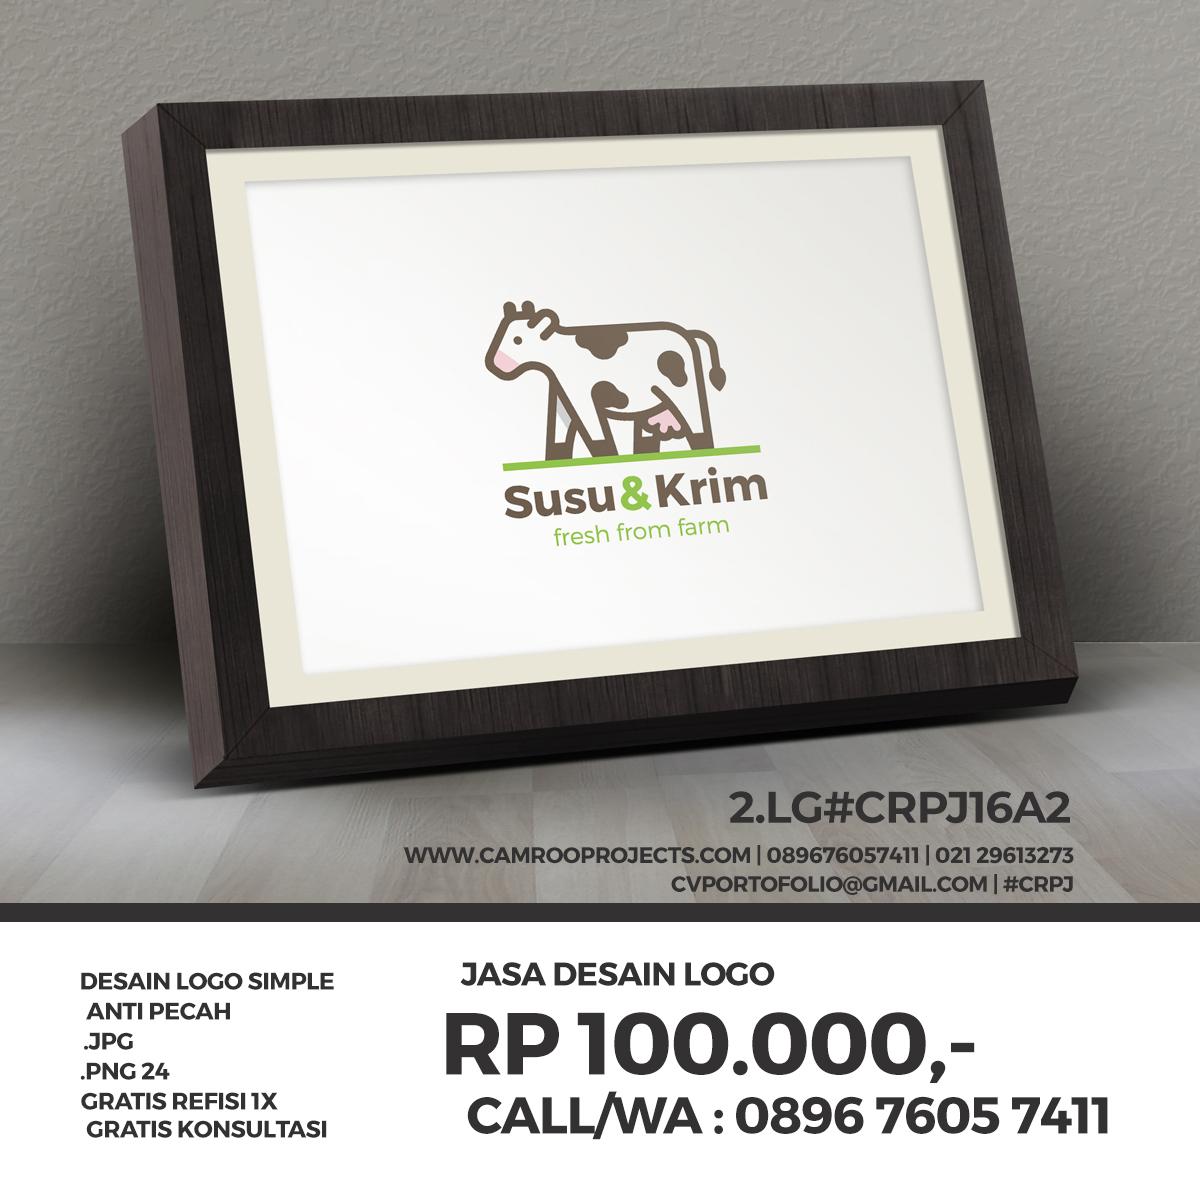 Jasa Desain Logo Kreatif Di Bekasi